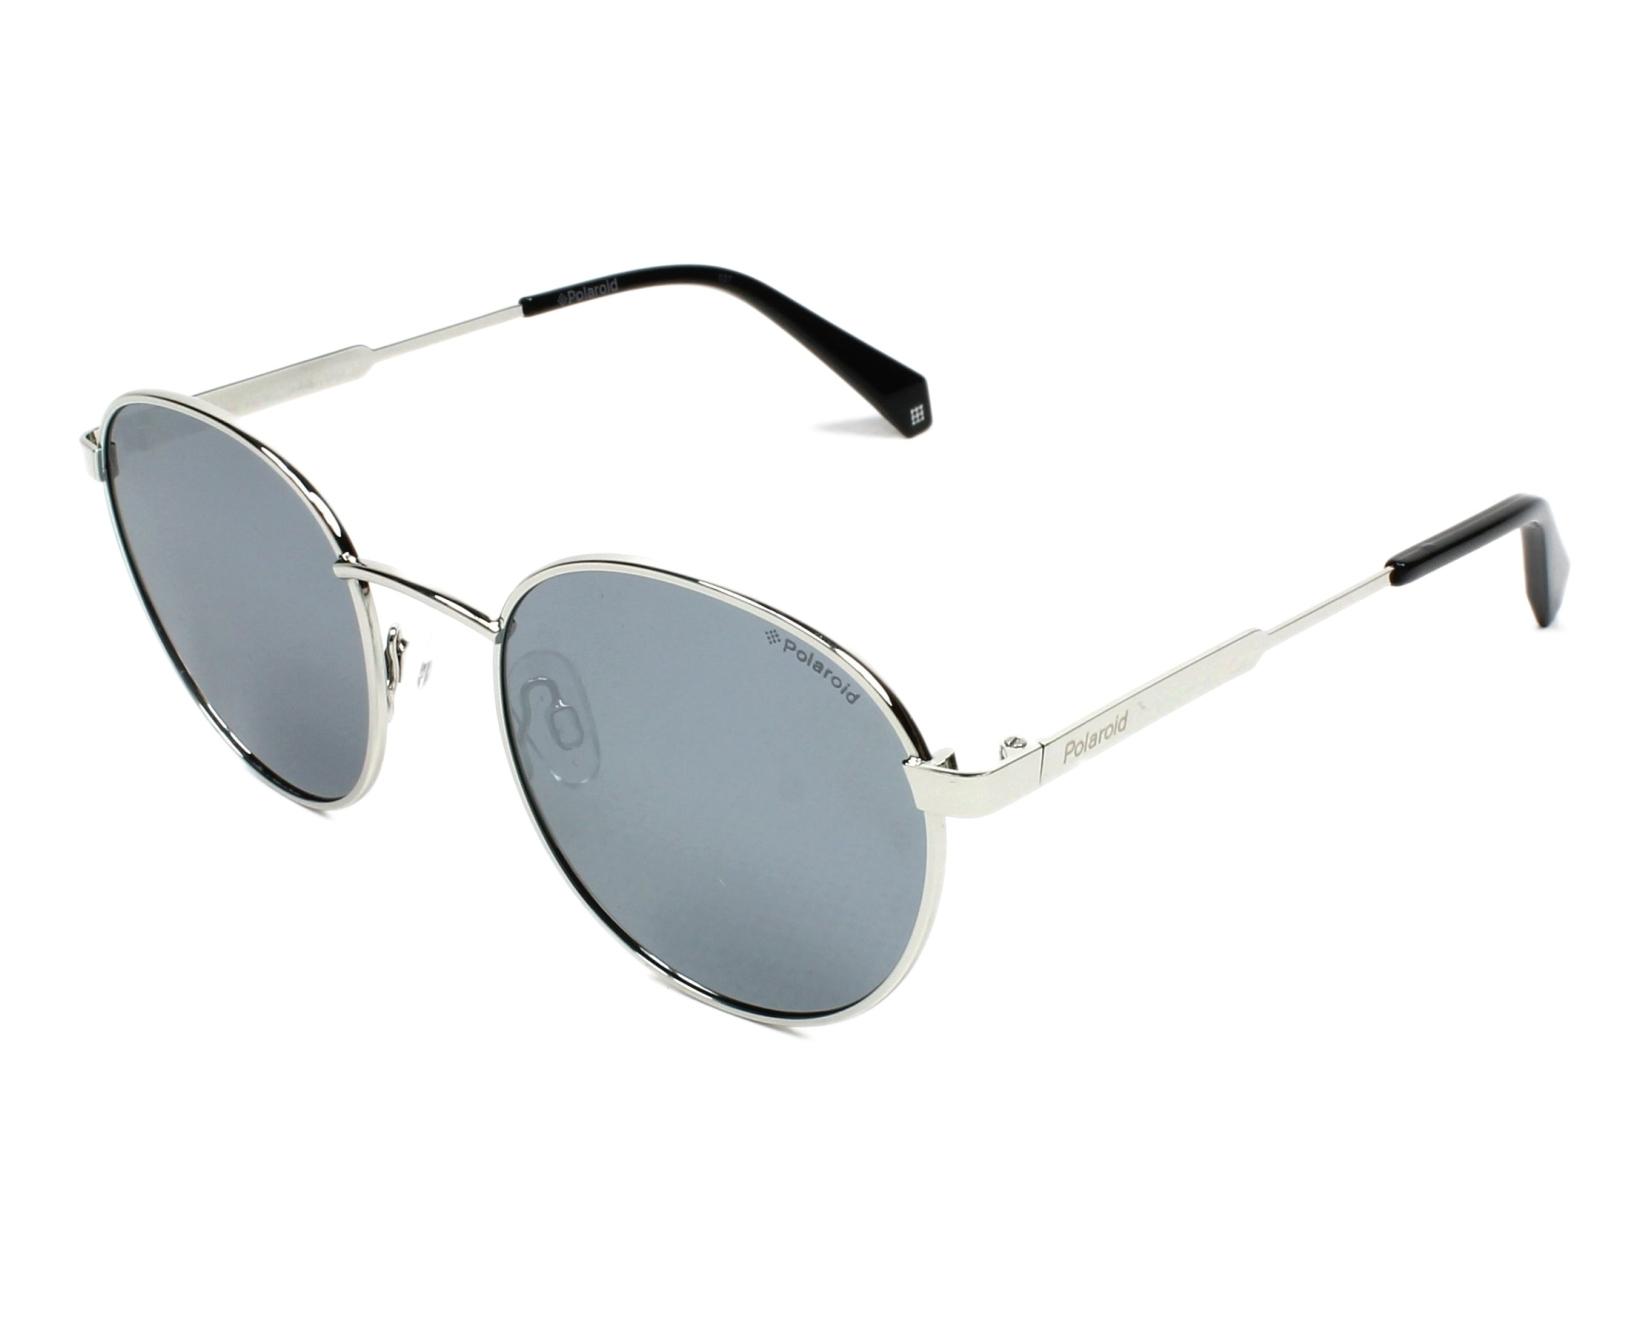 Sunglasses Polaroid PLD-2053-S 010/EX 51-20 Silver profile view